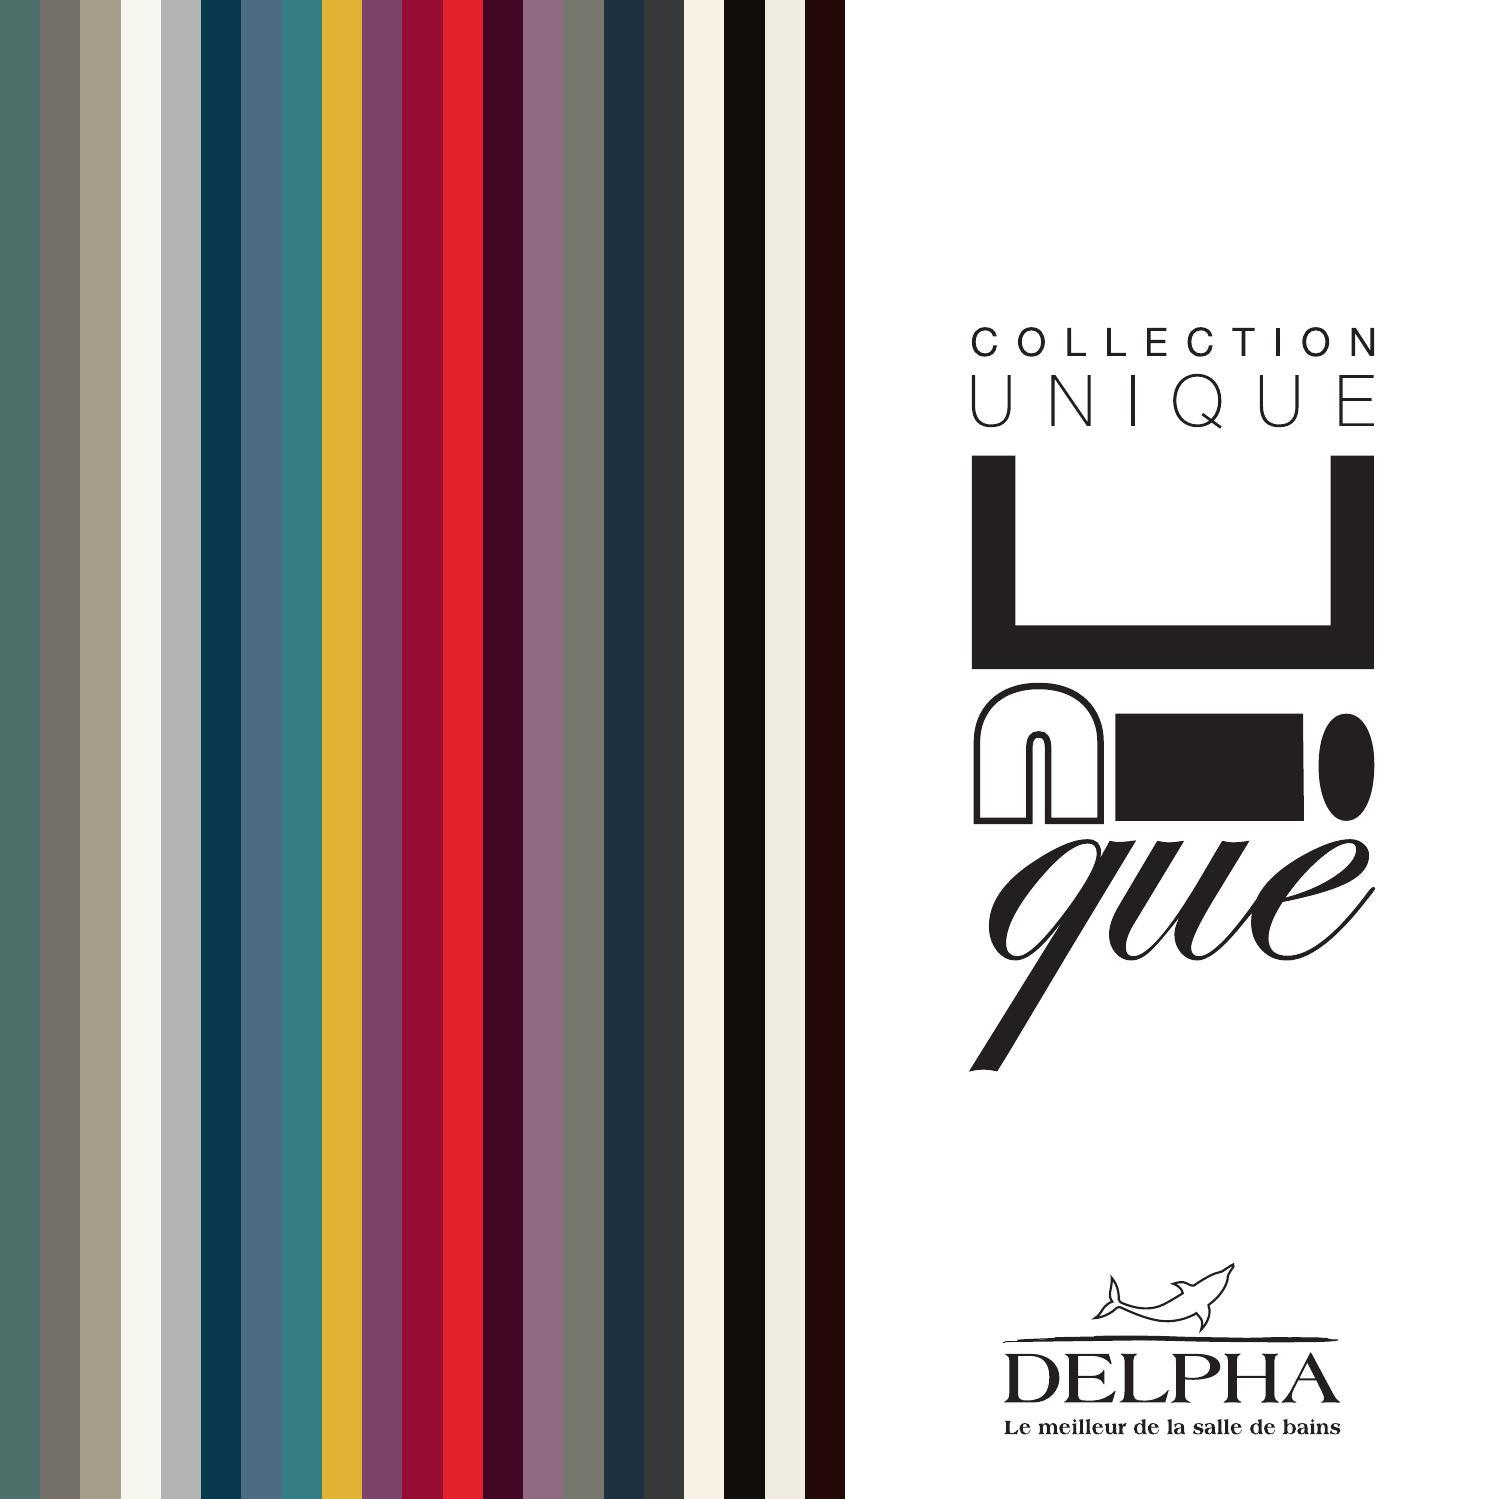 Catalogue meubles de salle de bains collection Unique 2015 by Delpha - issuu 2b8acbb754f4